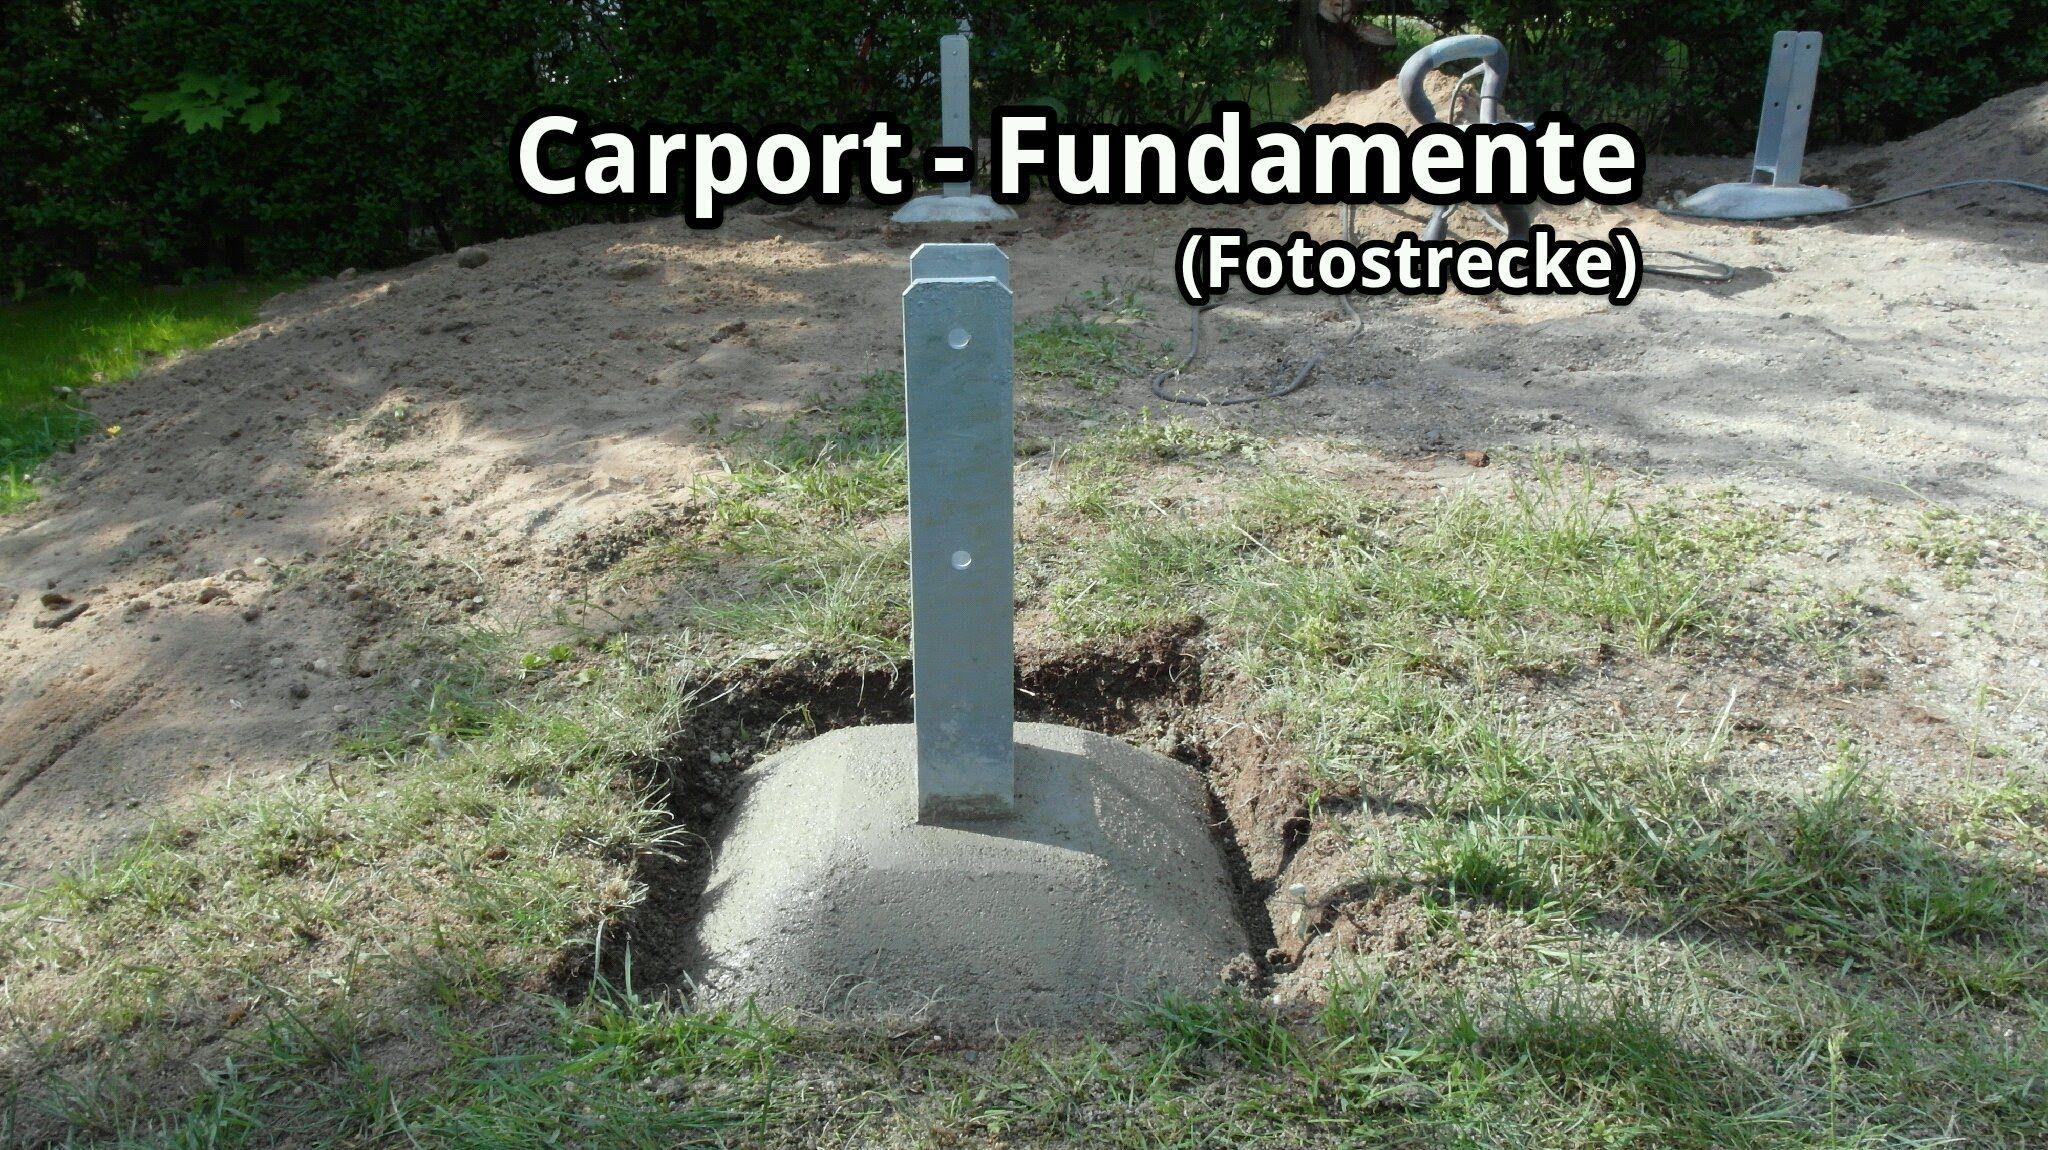 Carport Bau Fundamente Und H Anker Fotostrecke Carport Carports Bau